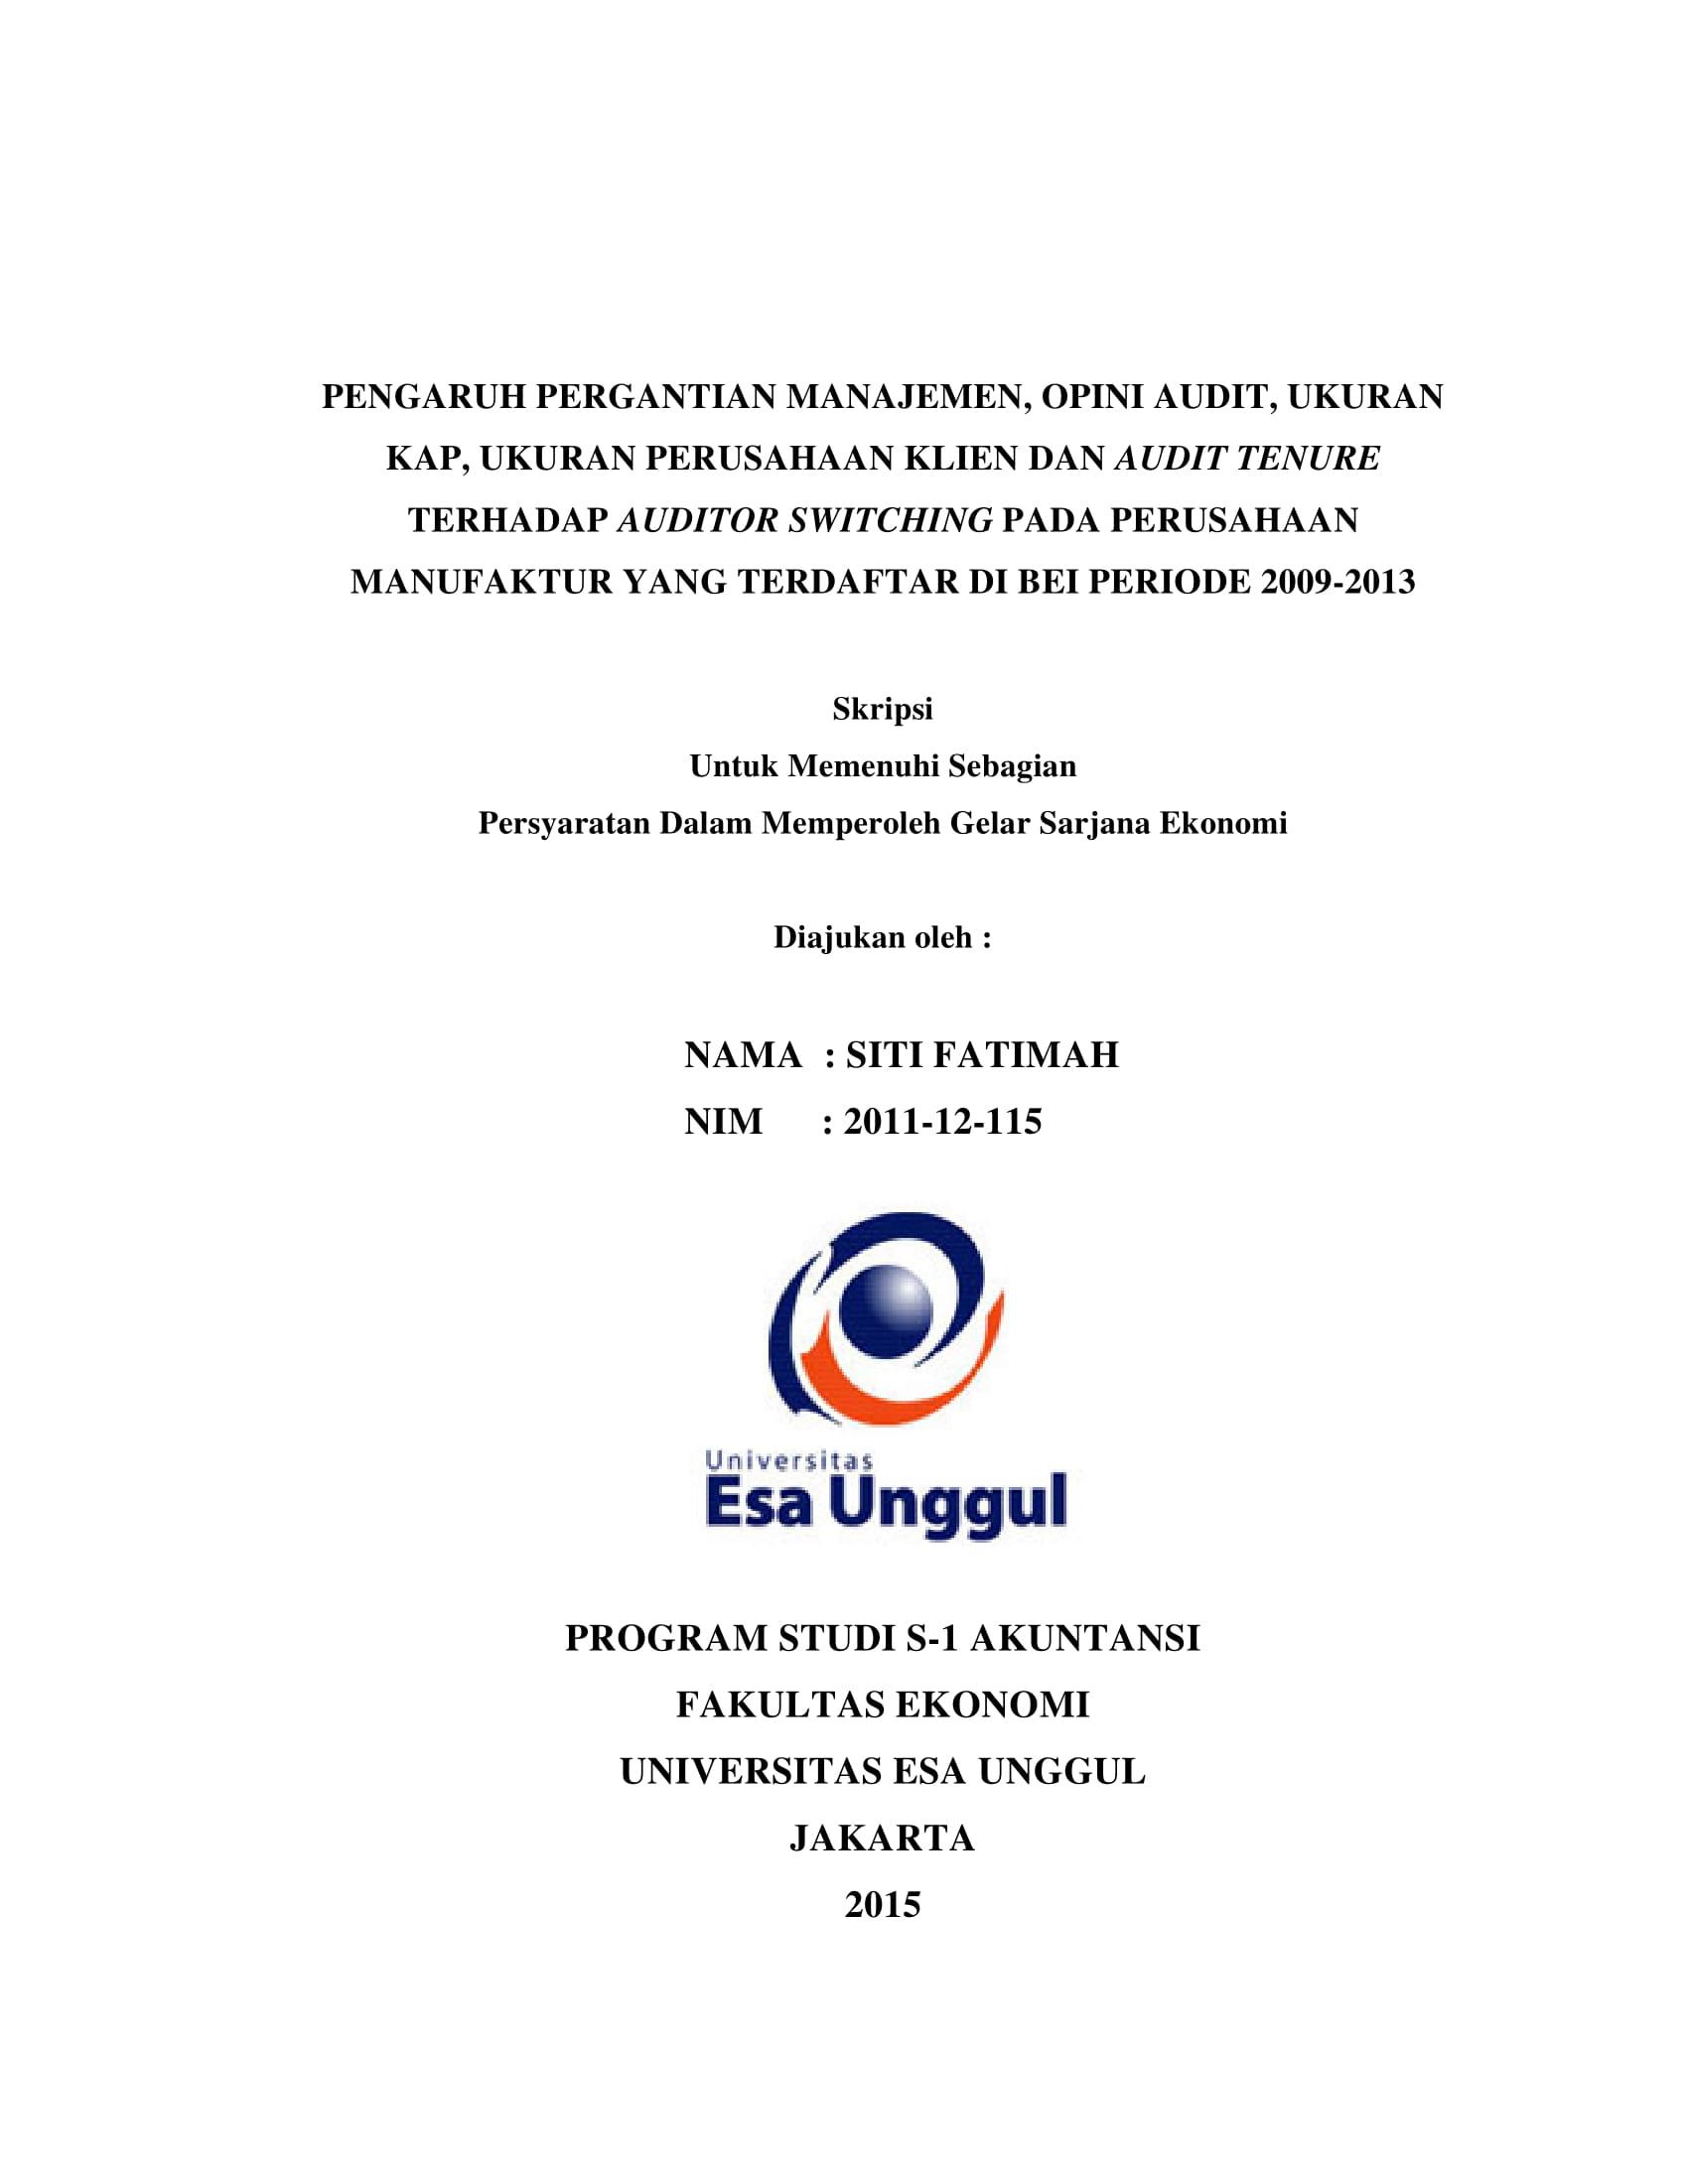 Pengaruh Pergantian Management, Opini Audit, Ukuran KAP, Ukuran Perusahaan Klien Dan Audit Tenure Terhadap Auditor Switching Pada Perusahaan Manufaktur Yang Terdaftar Di BEI Periode 2009-2013